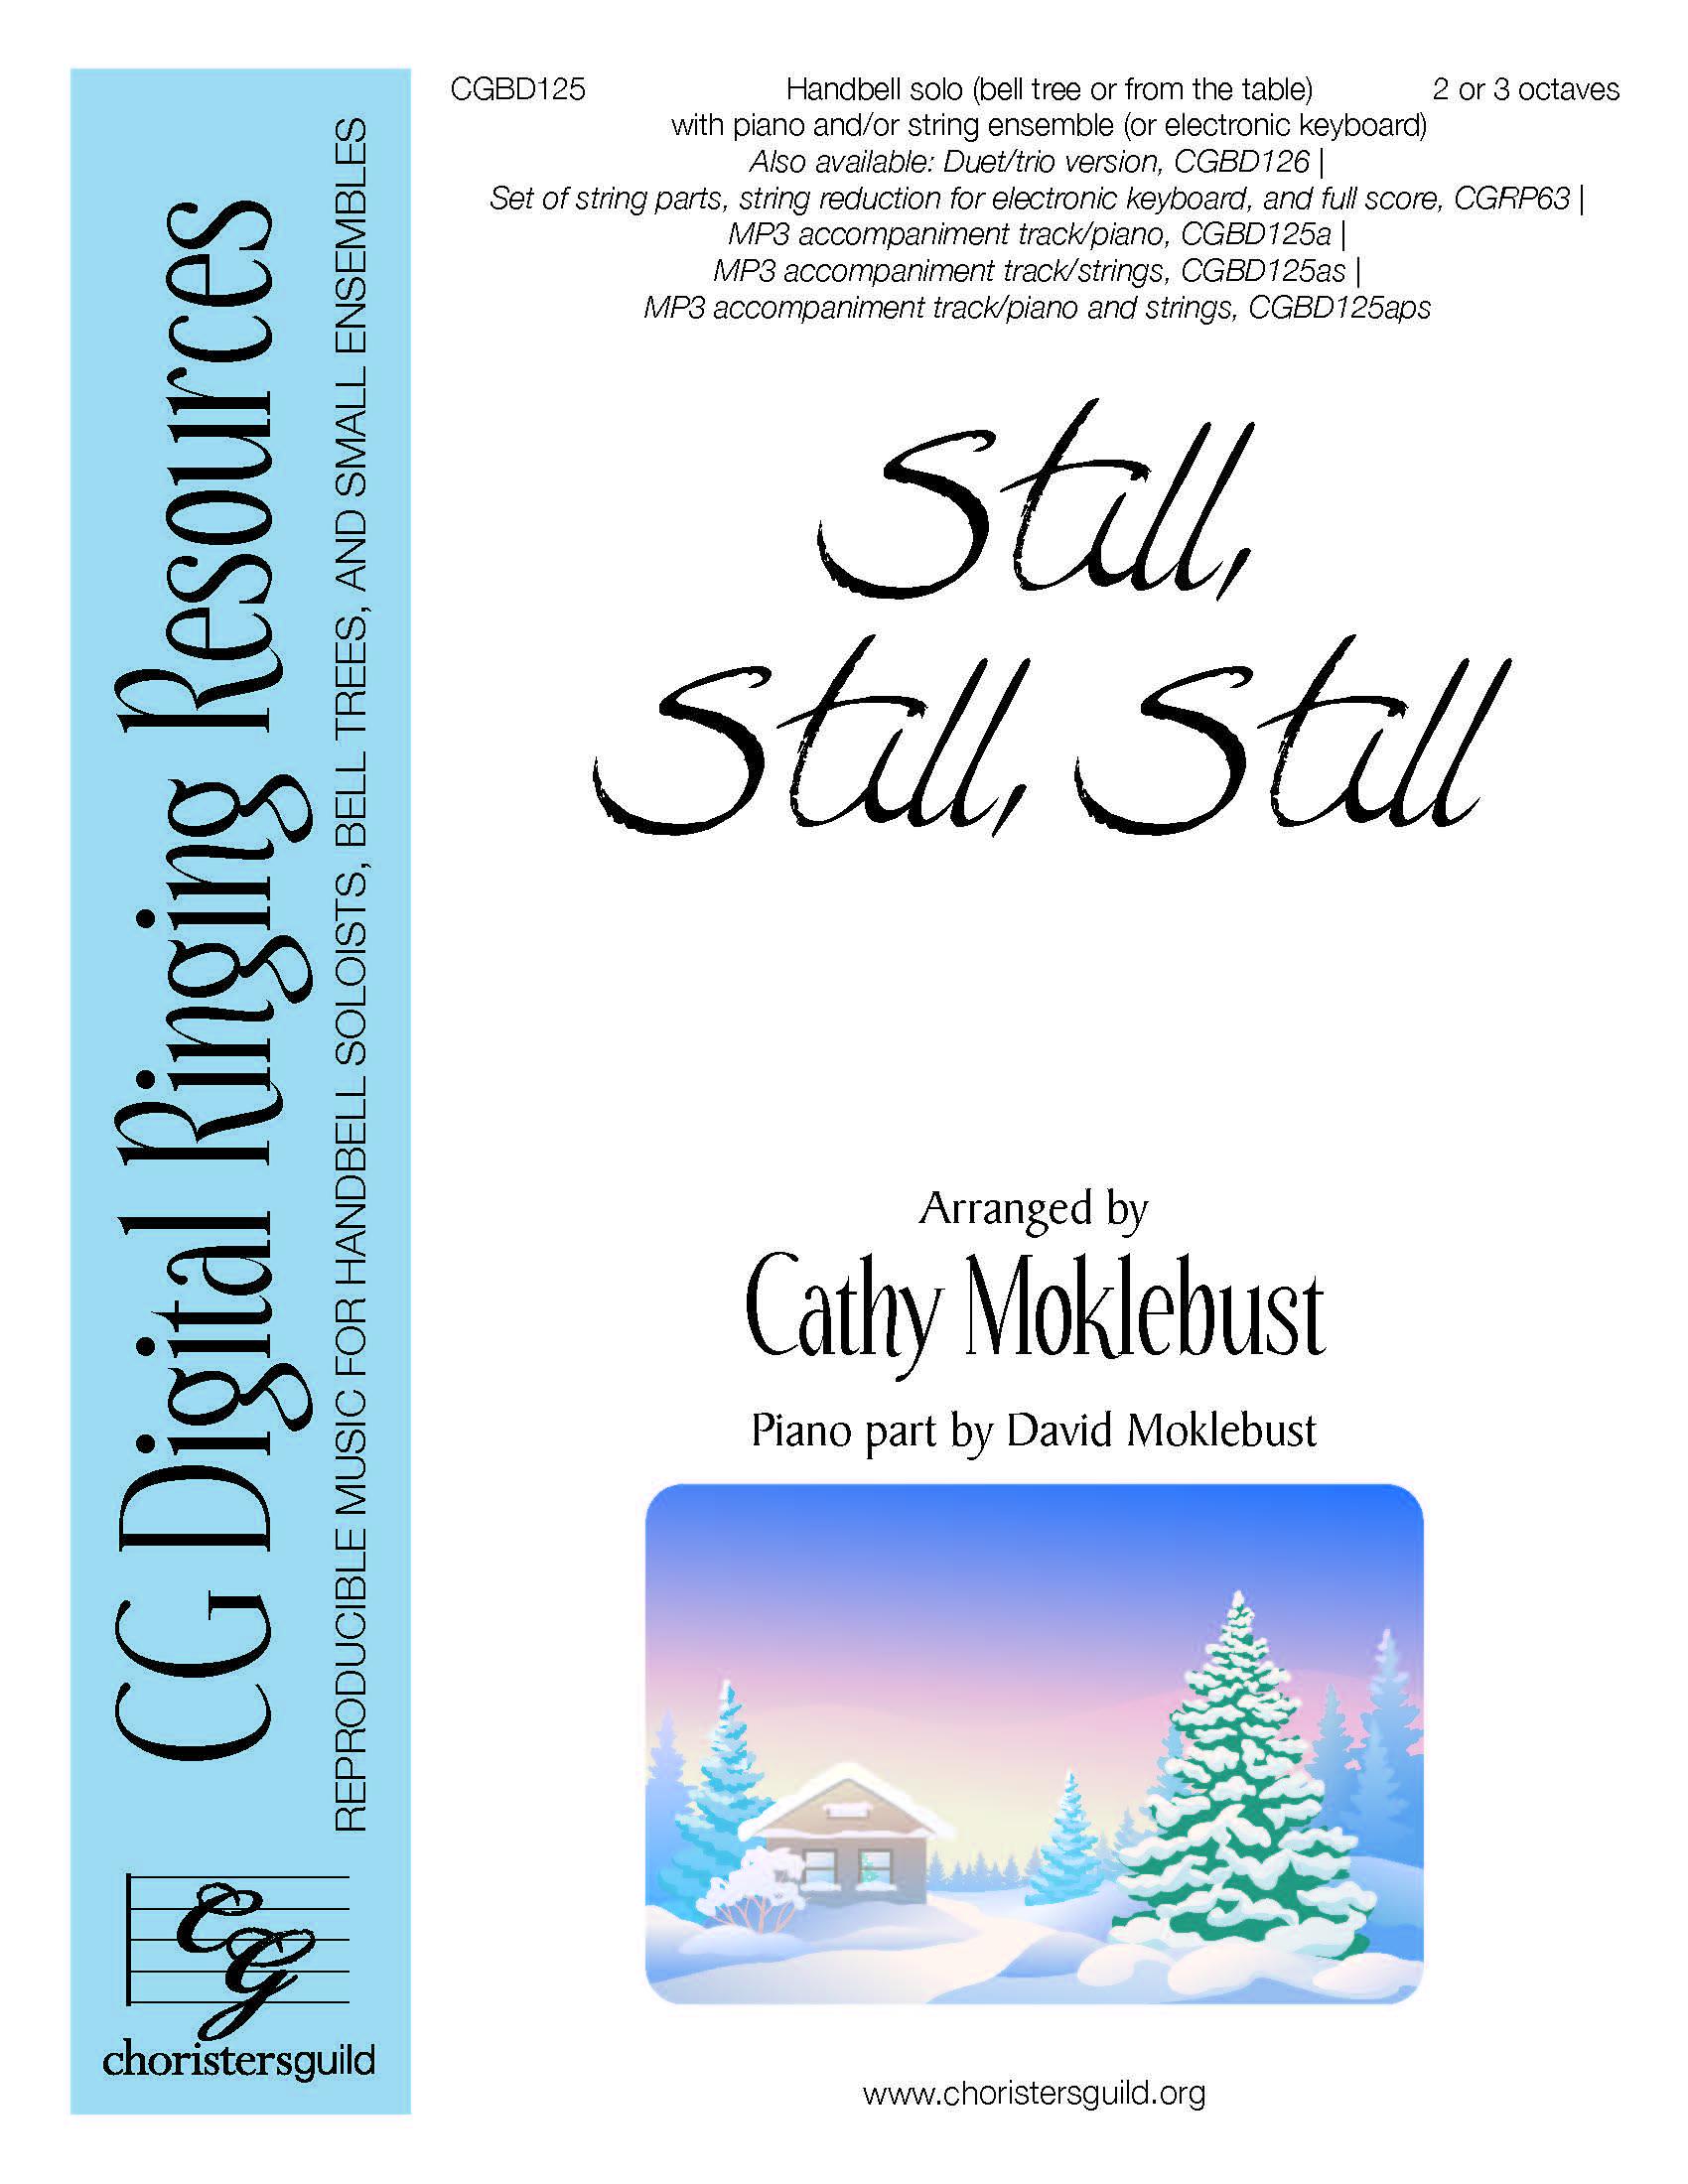 Still, Still, Still - Digital Accompaniment Track (strings)